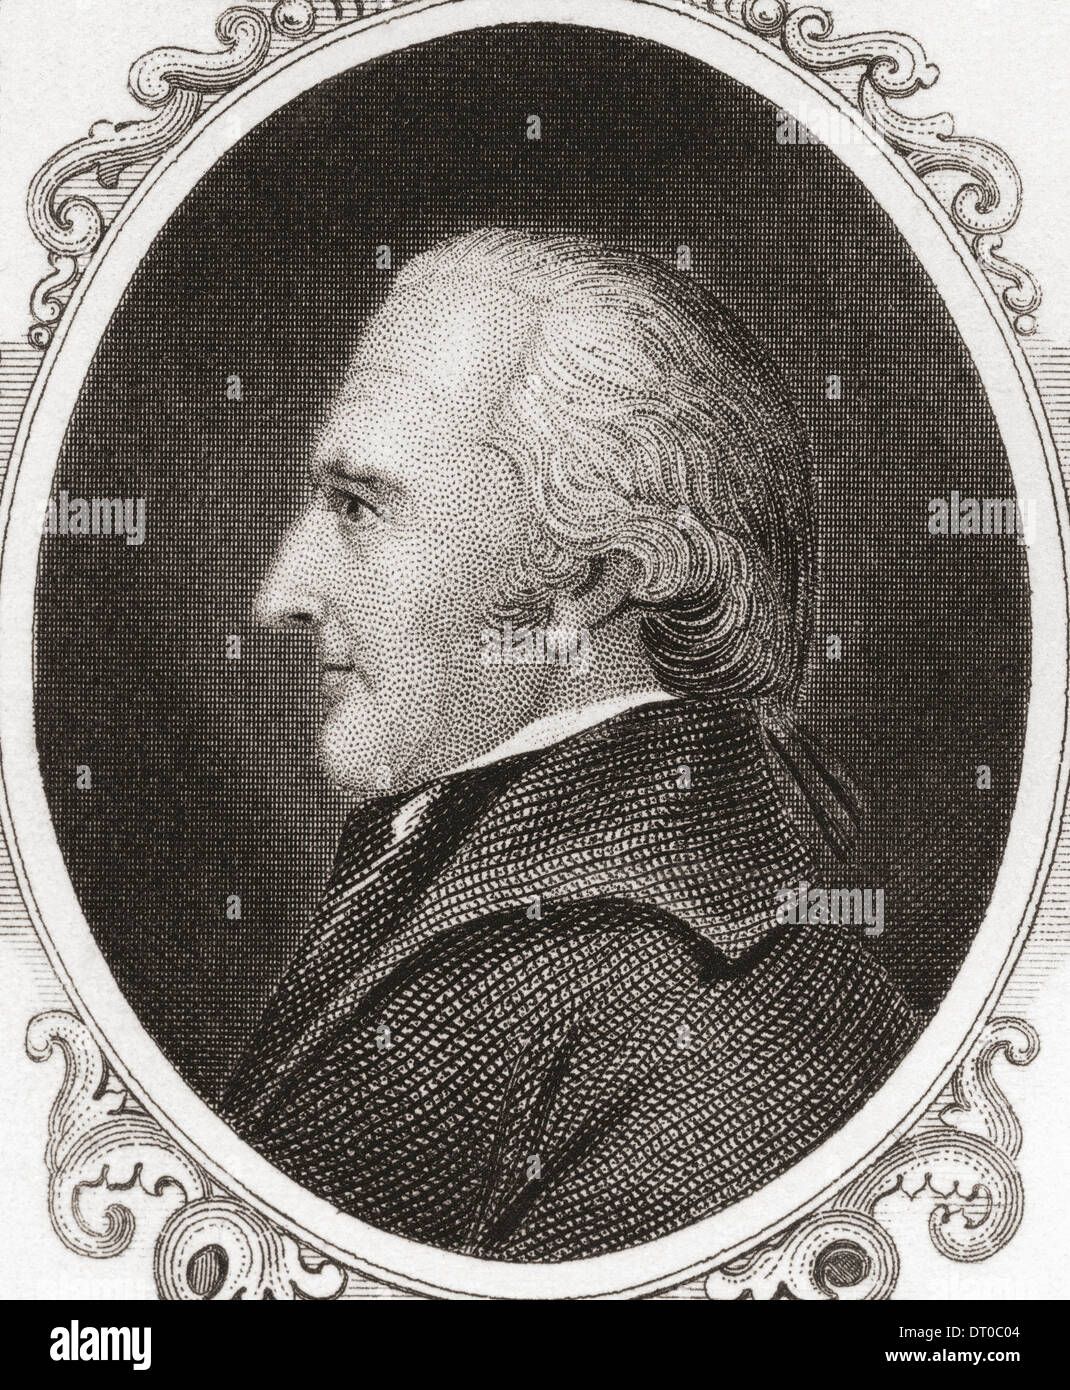 James Clinton, 1736 ?1812. Amerikanischer revolutionärer Krieg Offizier. Stockbild